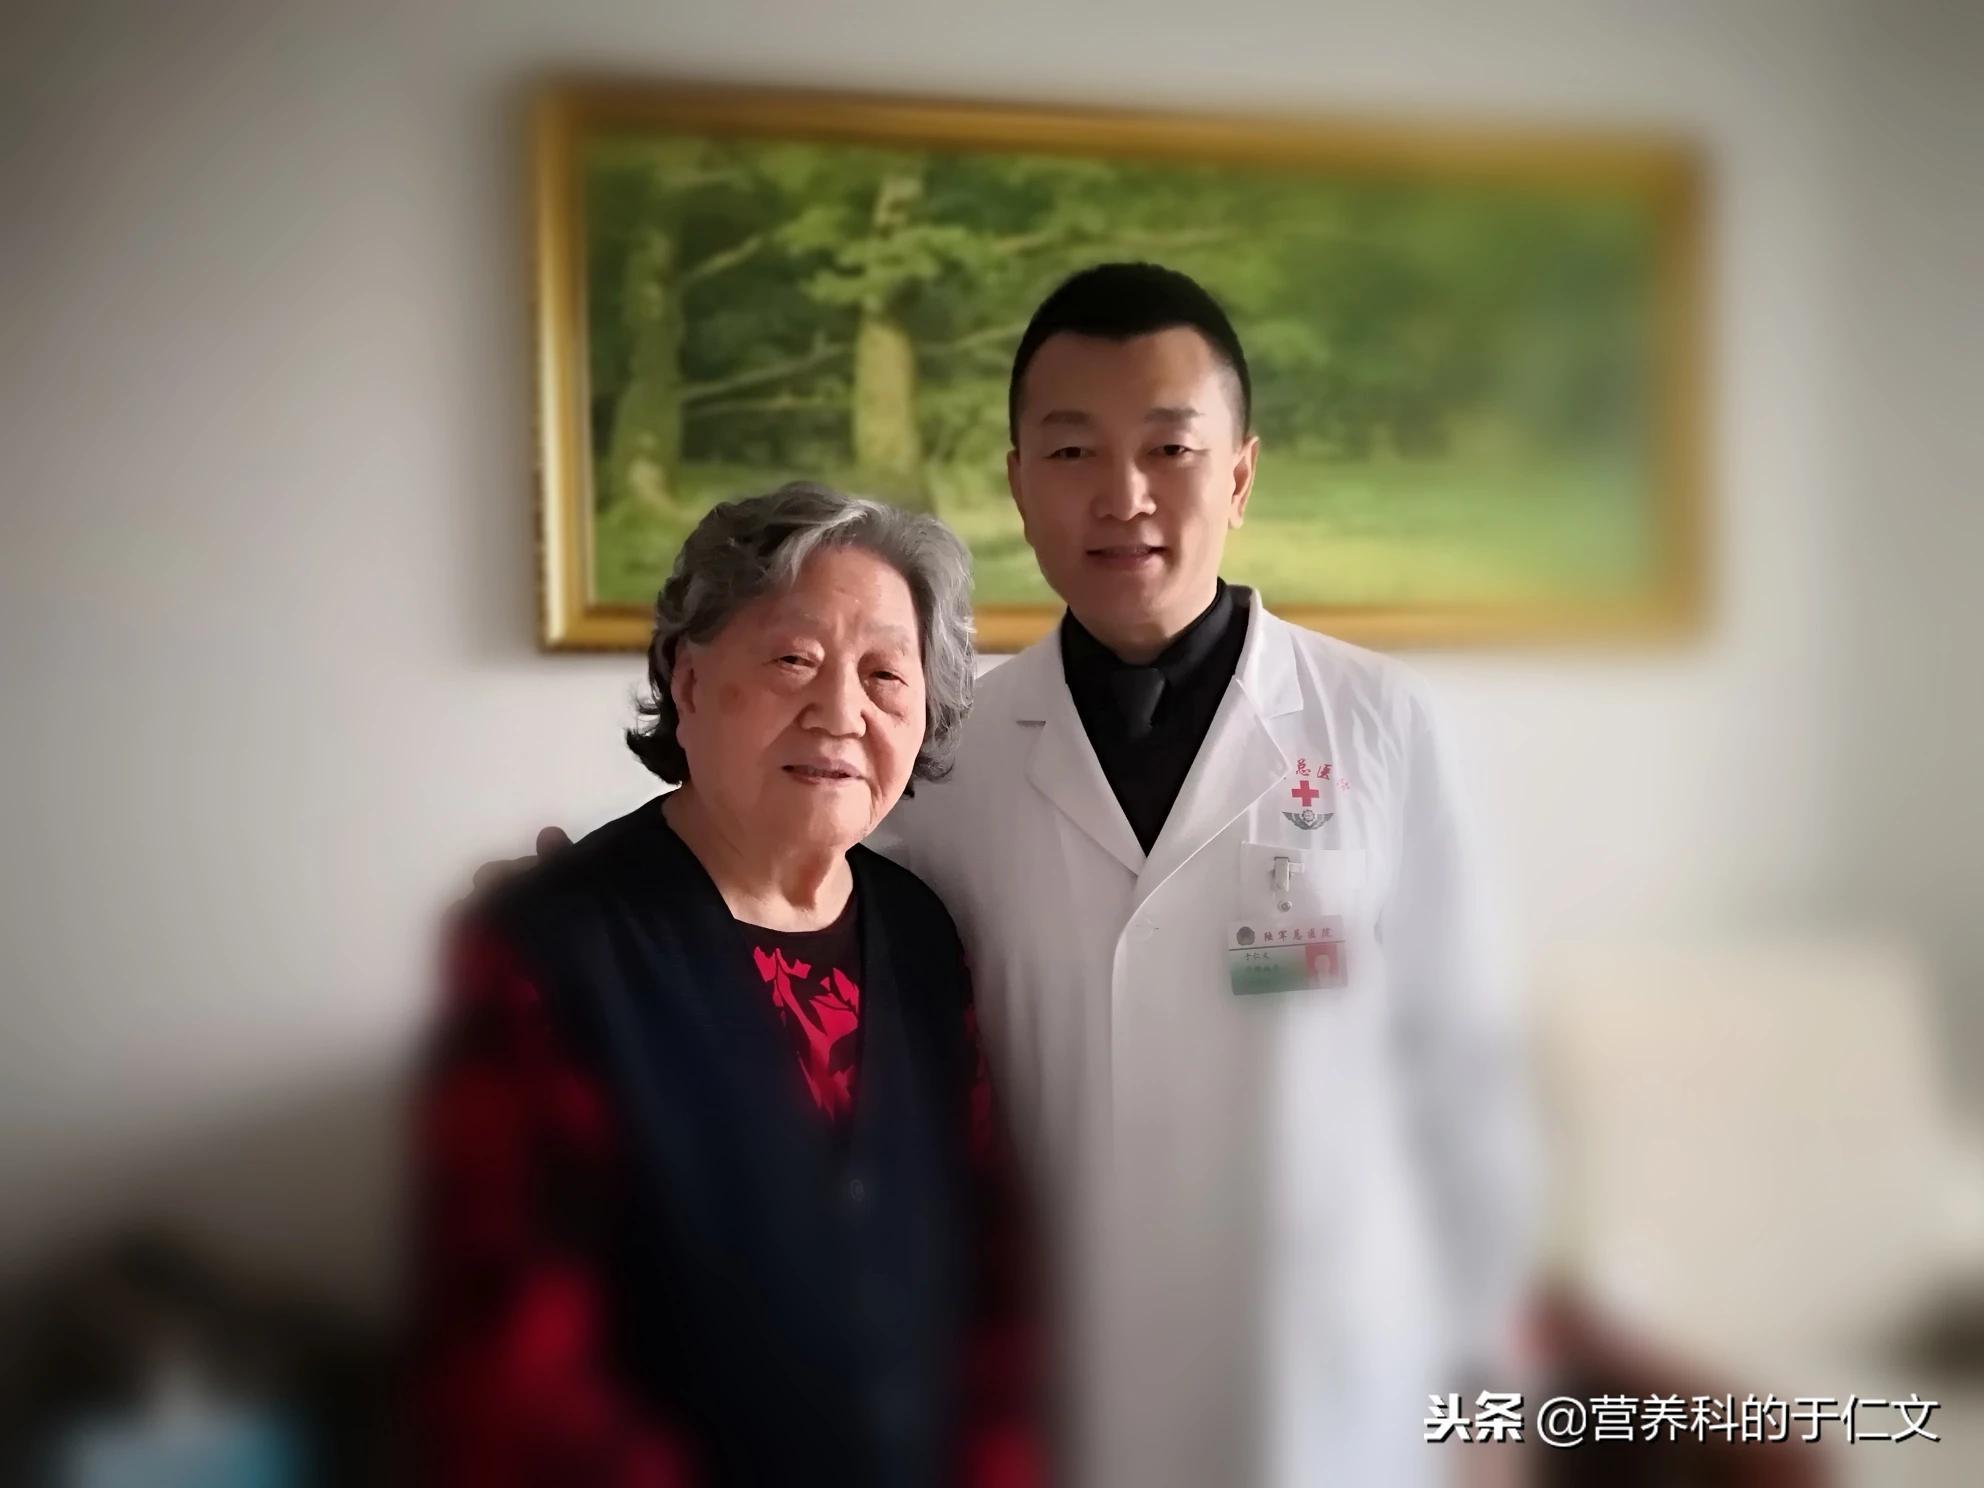 #真相来了# 老奶奶过年就90岁了,牙齿 - 第1张  | 网络大咖